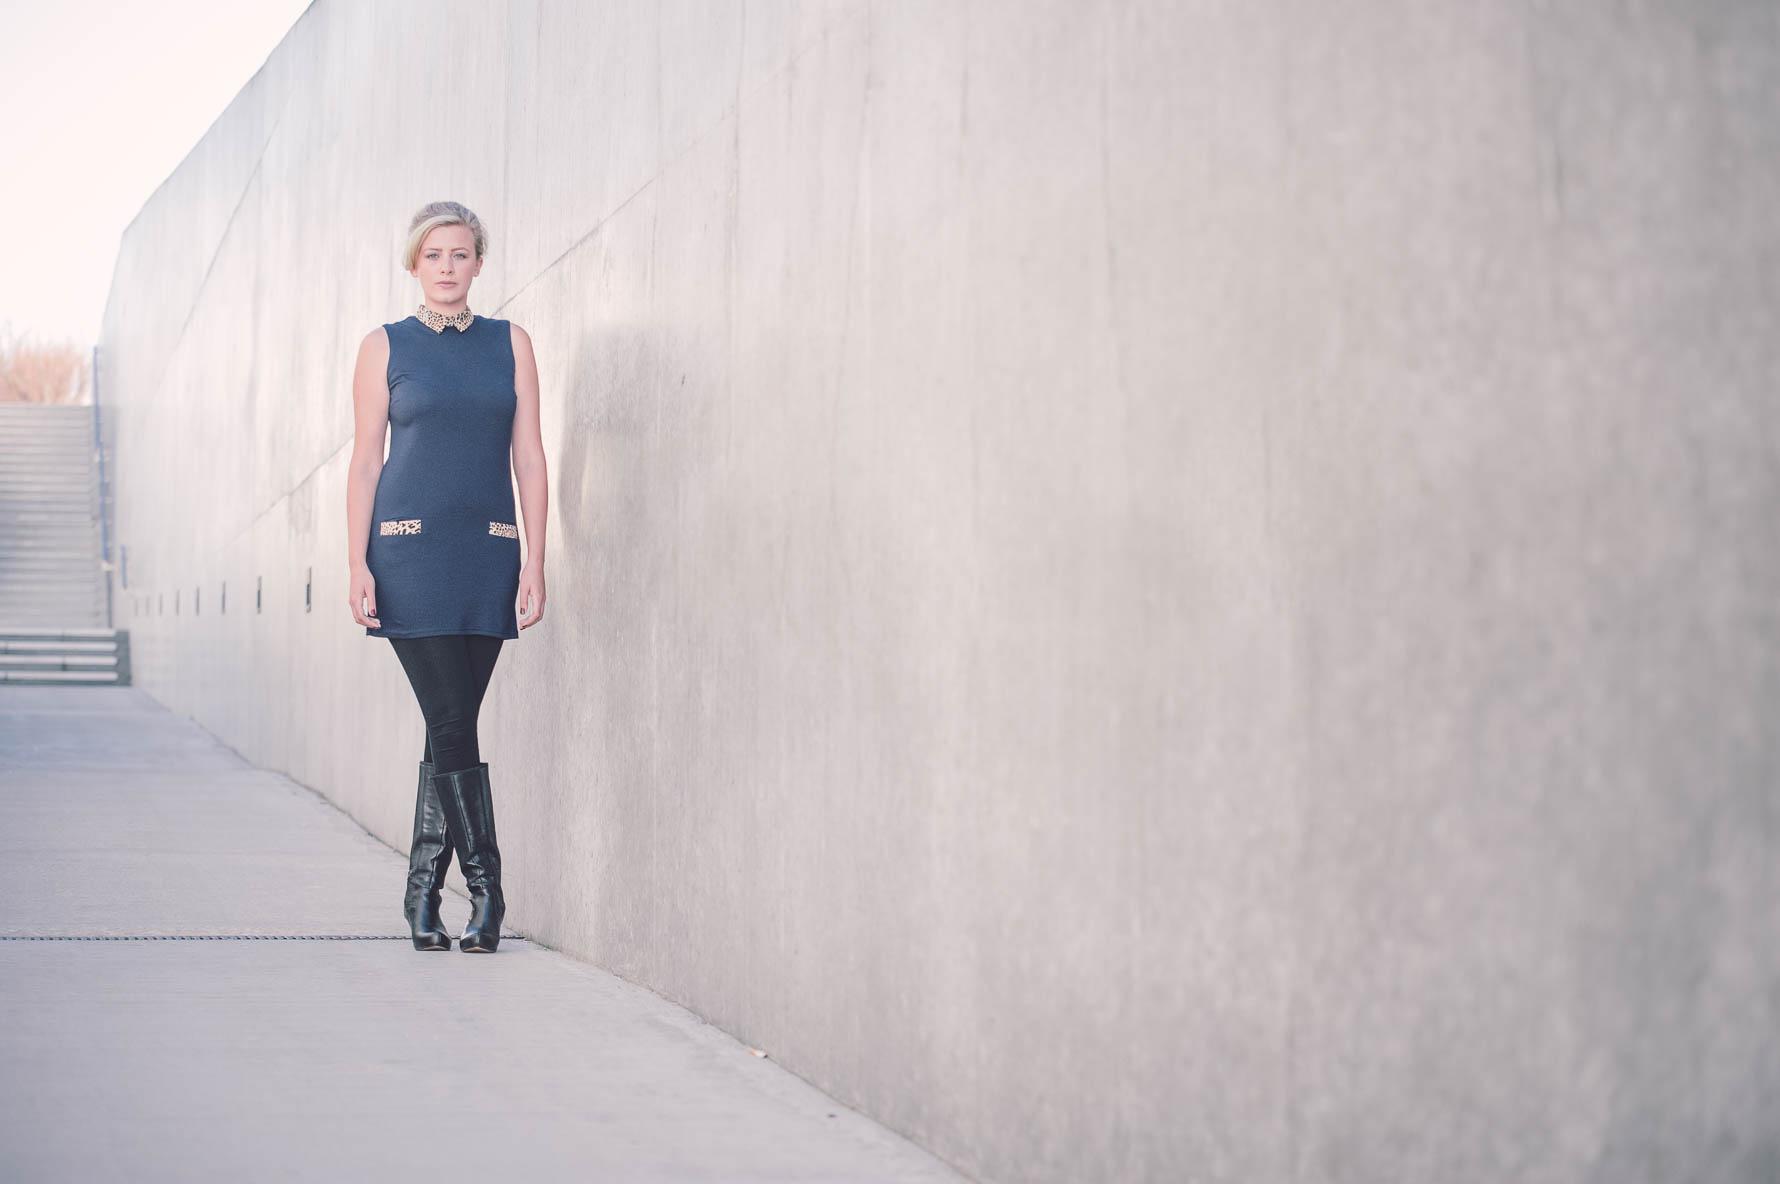 fashion lapse-16356